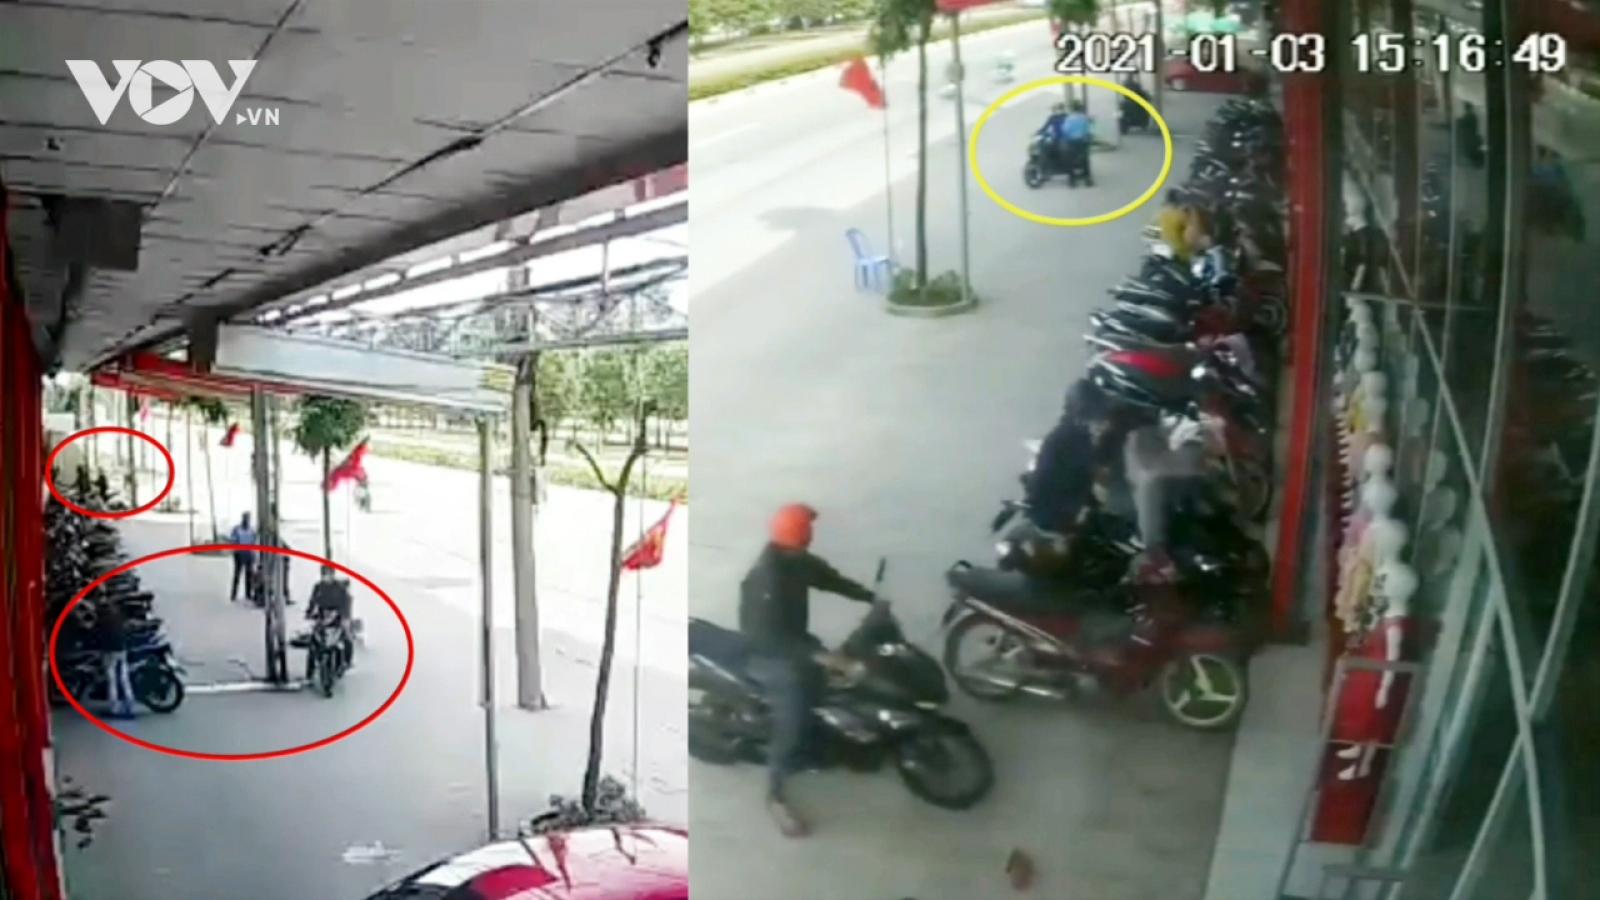 Dàn cảnh lừa bảo vệ để cướp xe máy tại cửa hàng